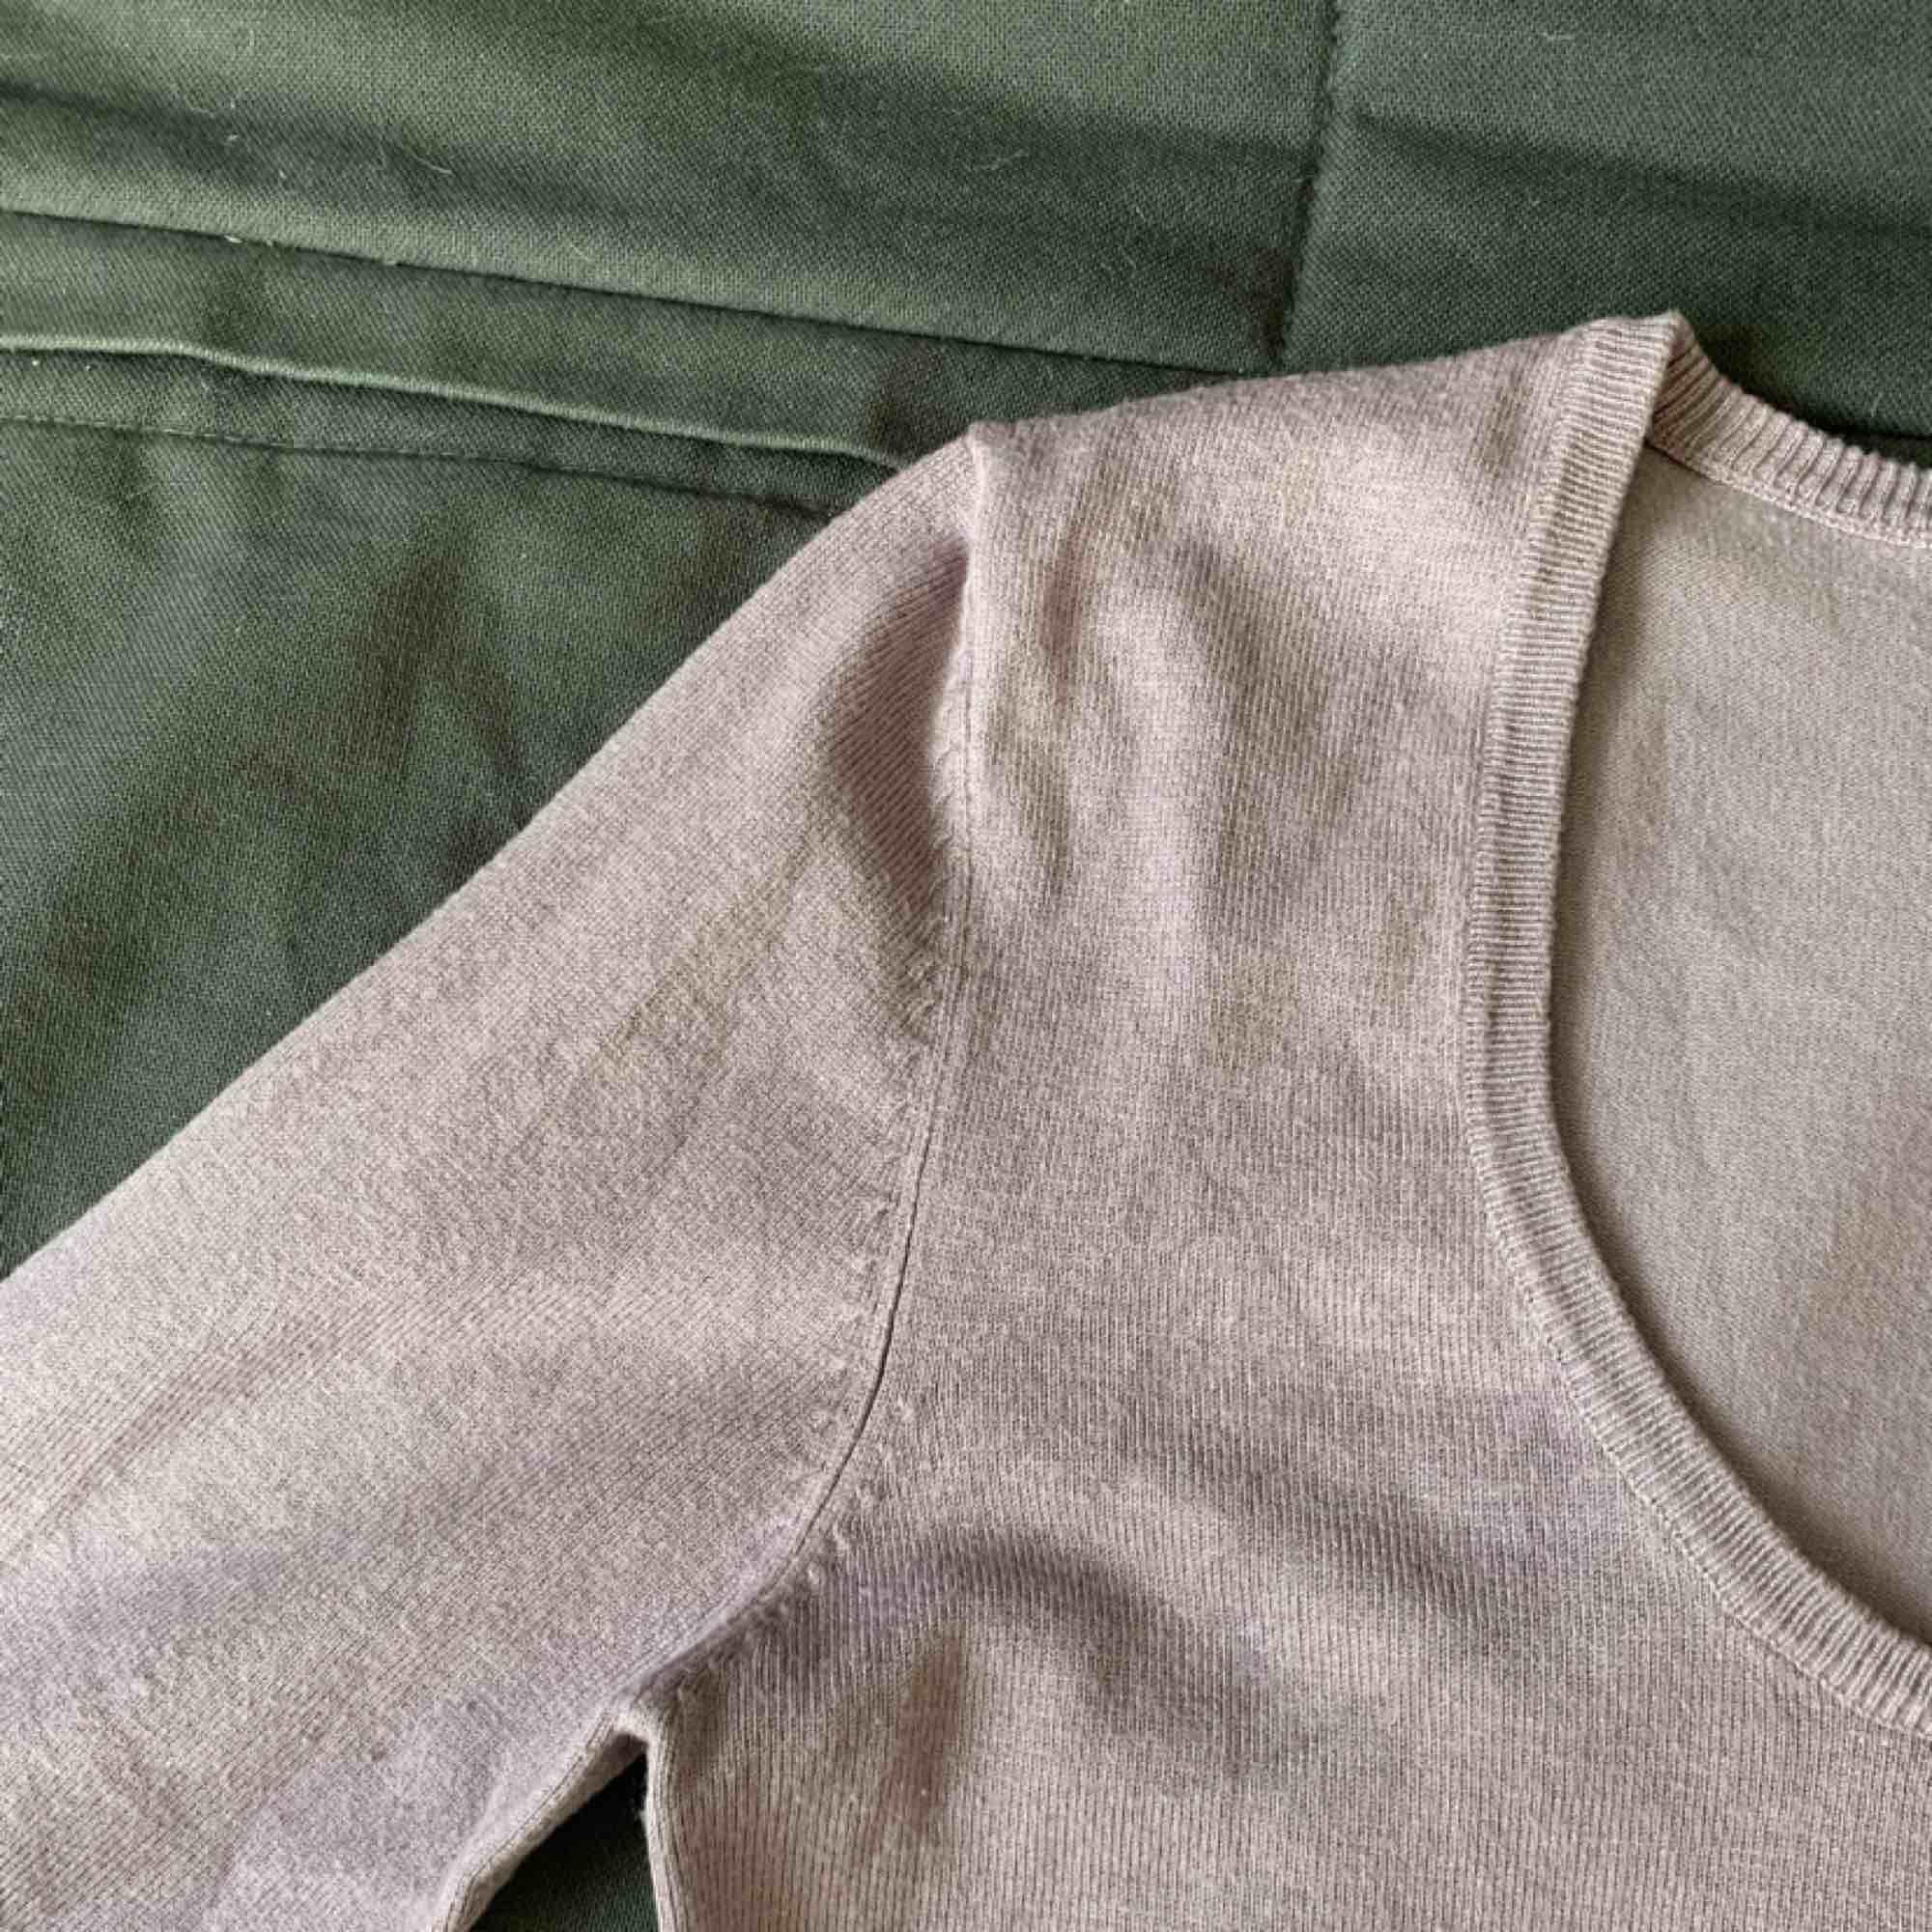 Ljuslila tröja i storlek s. Den har 3/4 ärmar och är i superfint skick. Perfekt tröja till hösten. Stickat.